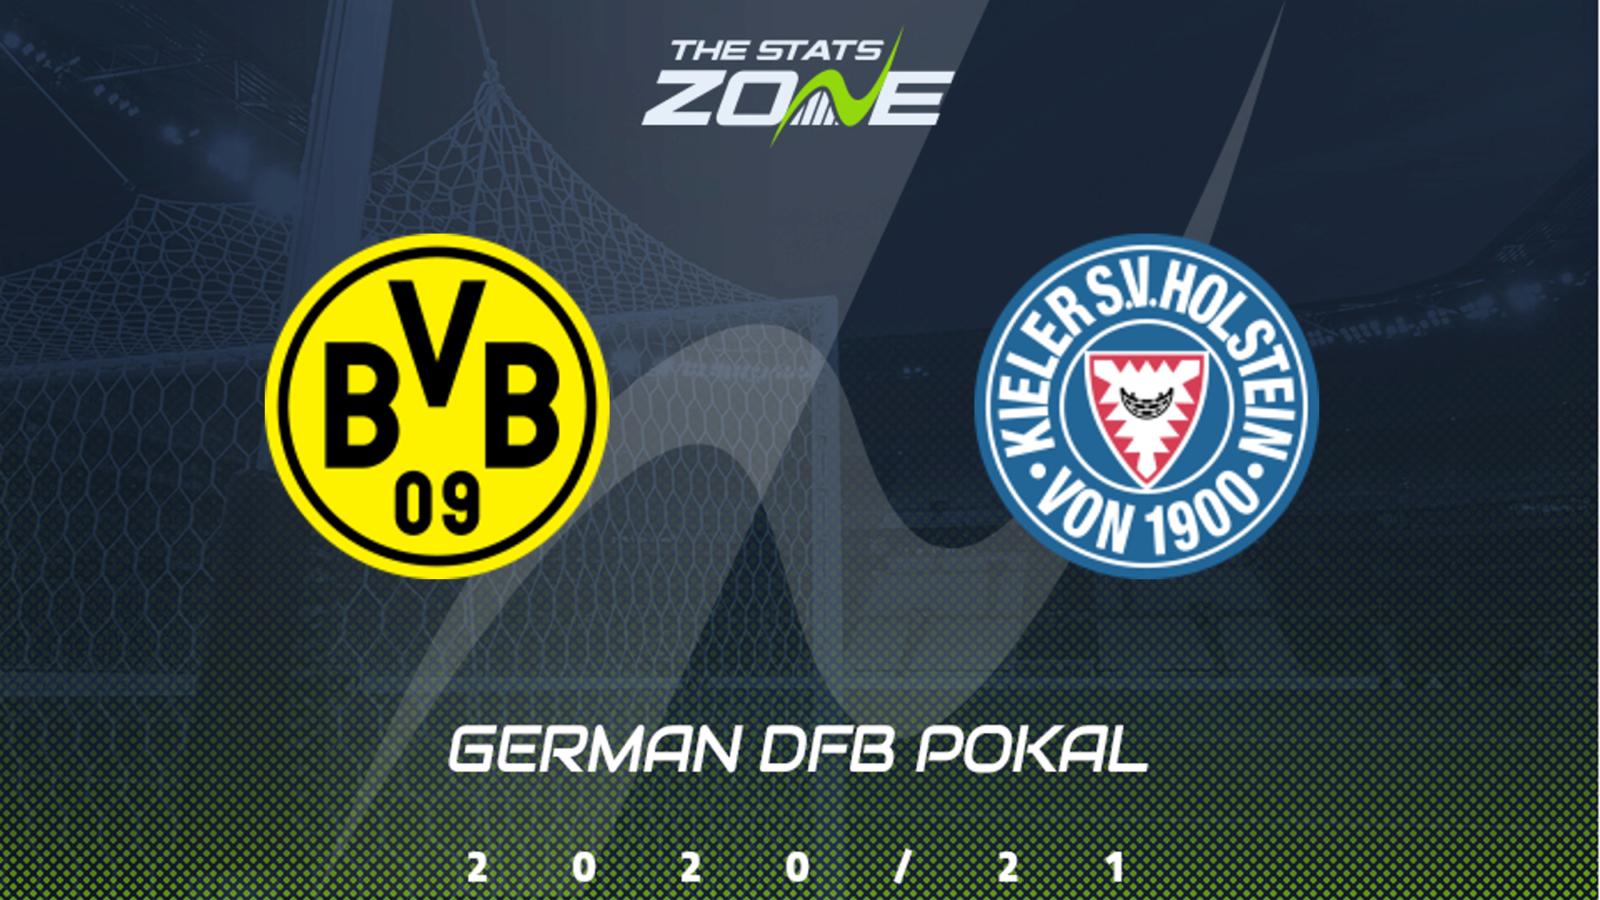 Dortmund vs Holstein Kiel Full Match – DFB Pokal 2020/21